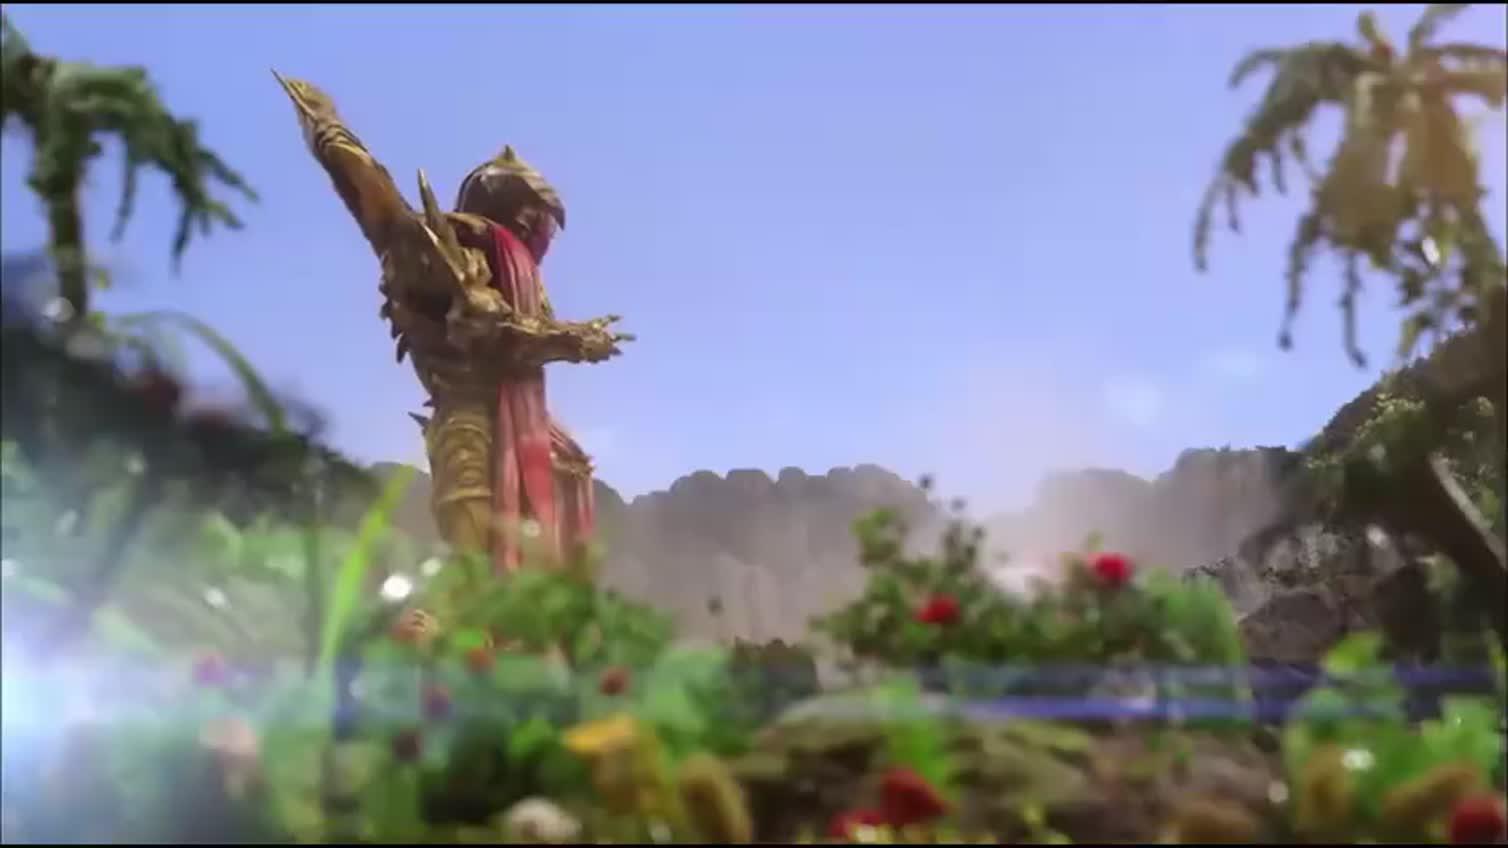 反派大合集之超时空魔神埃塔尔加